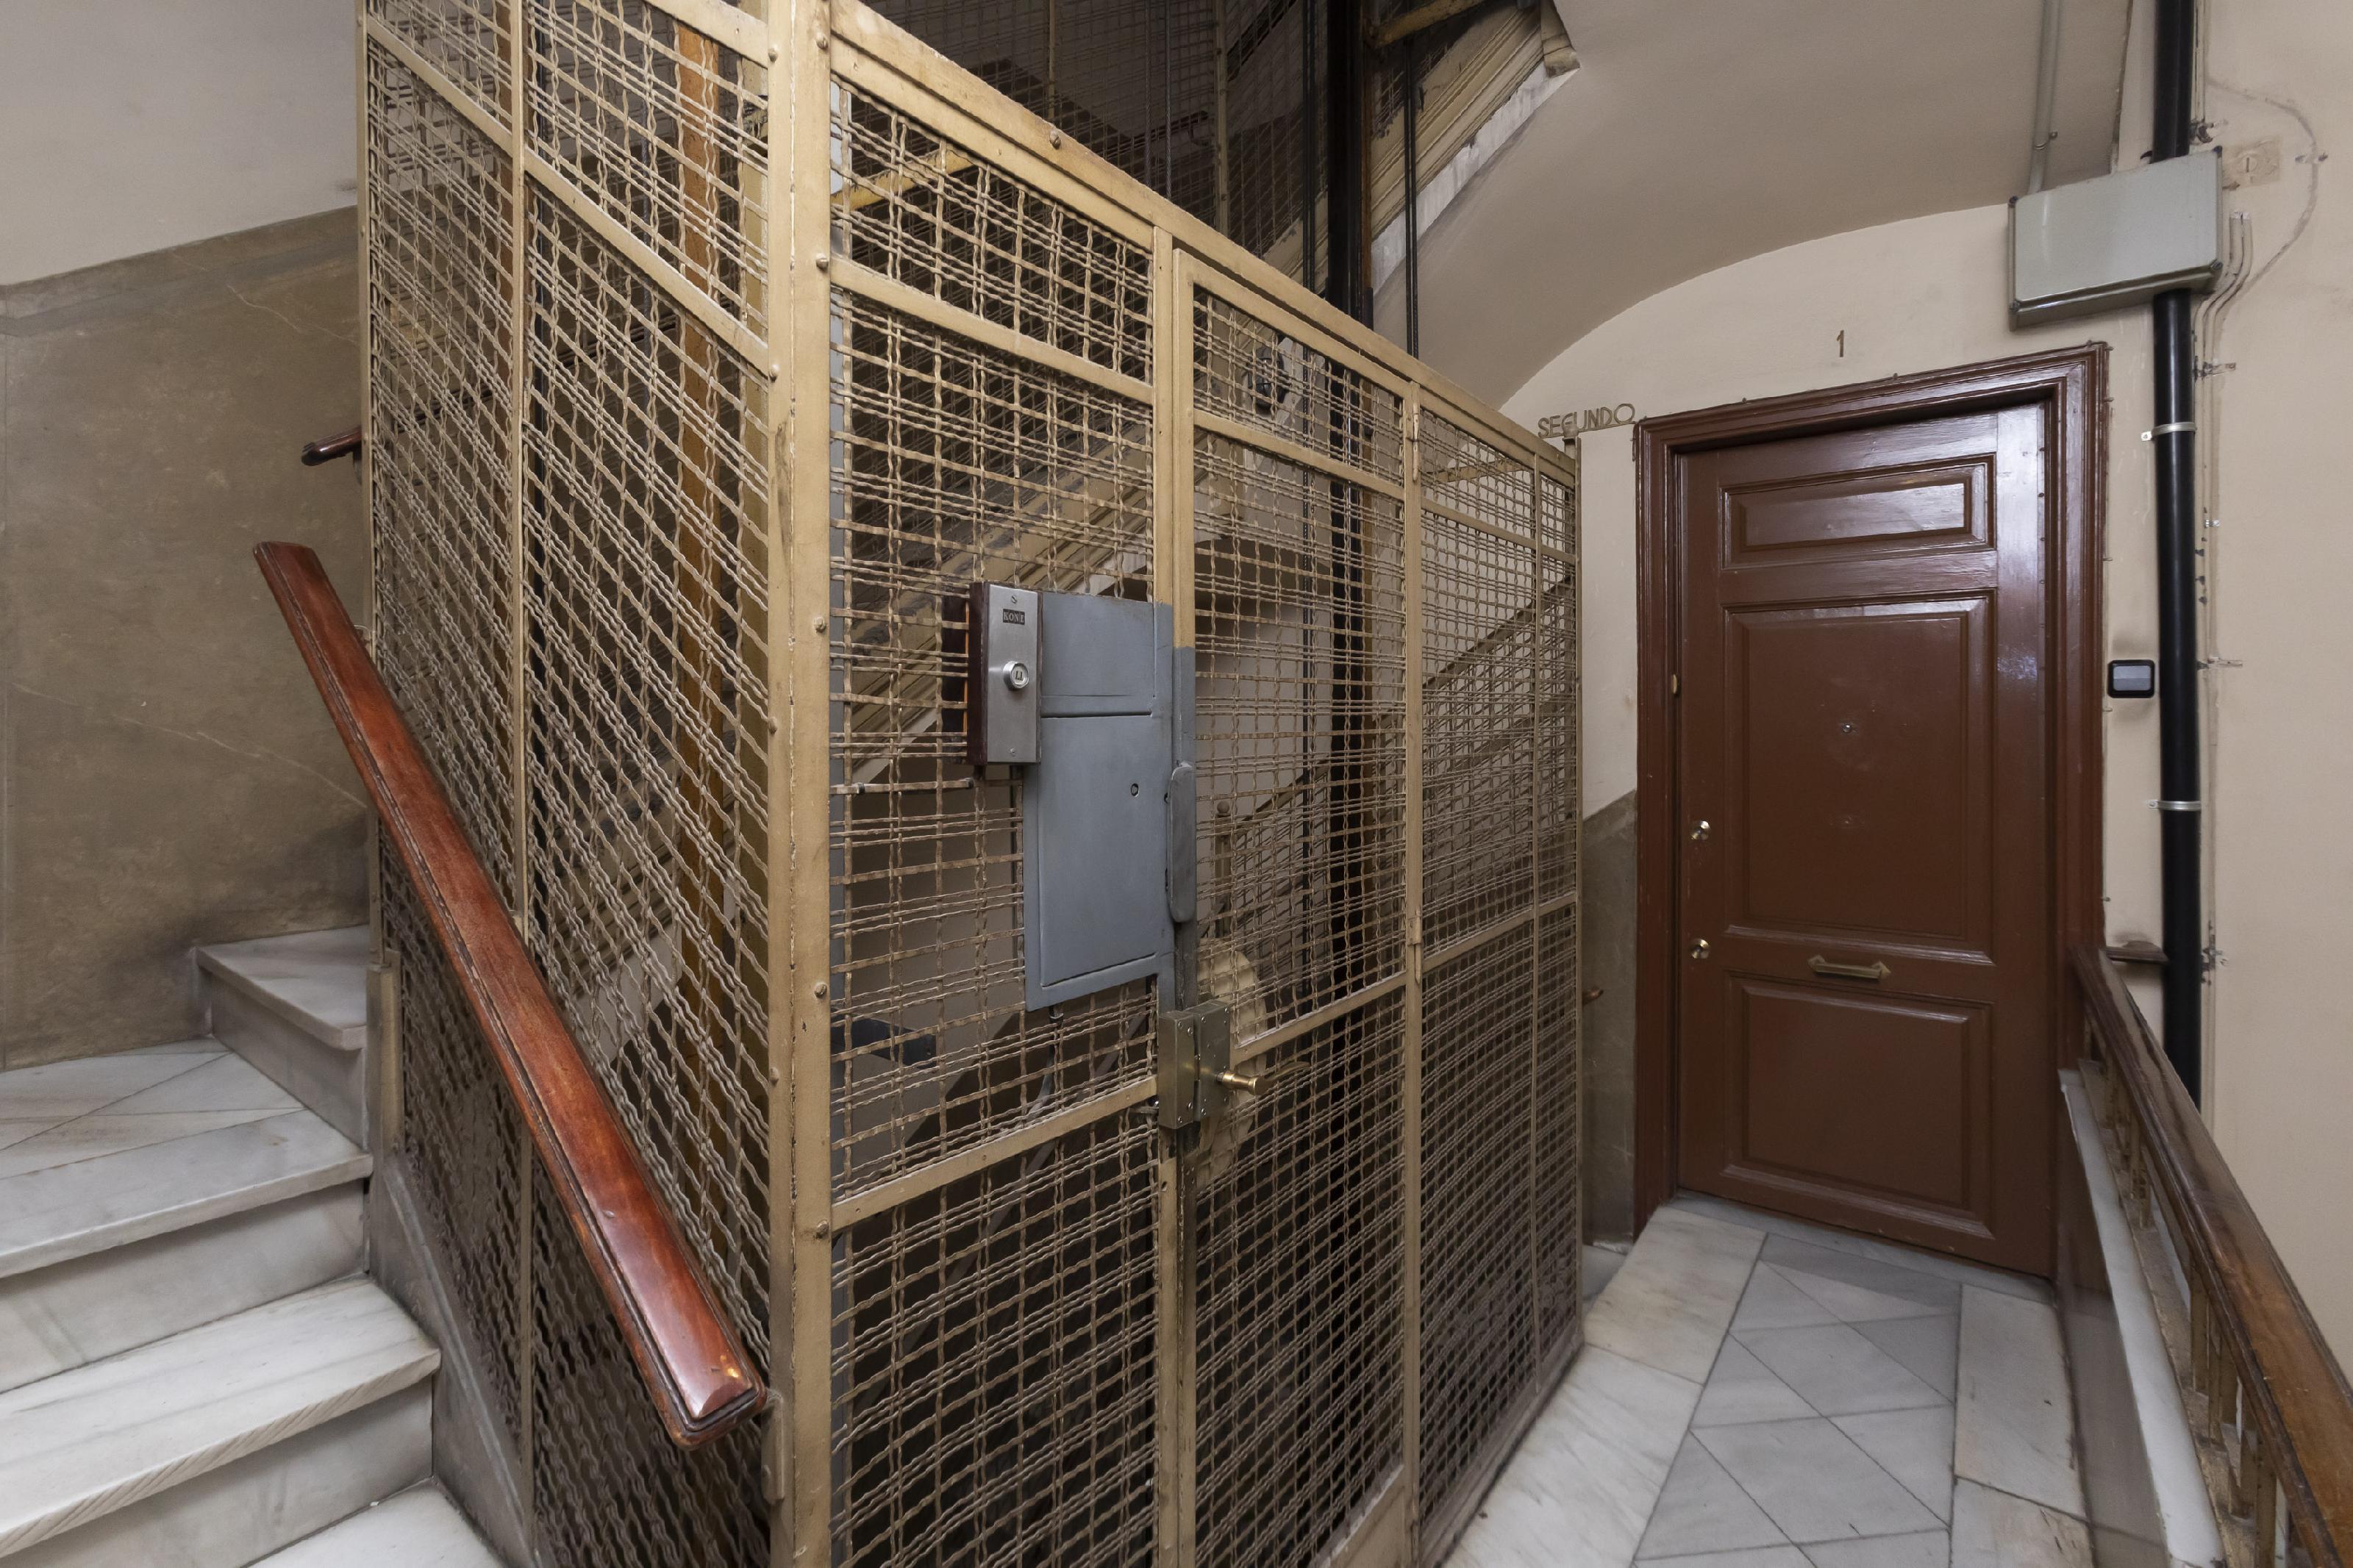 249361 Flat for sale in Eixample, Antiga Esquerre Eixample 27